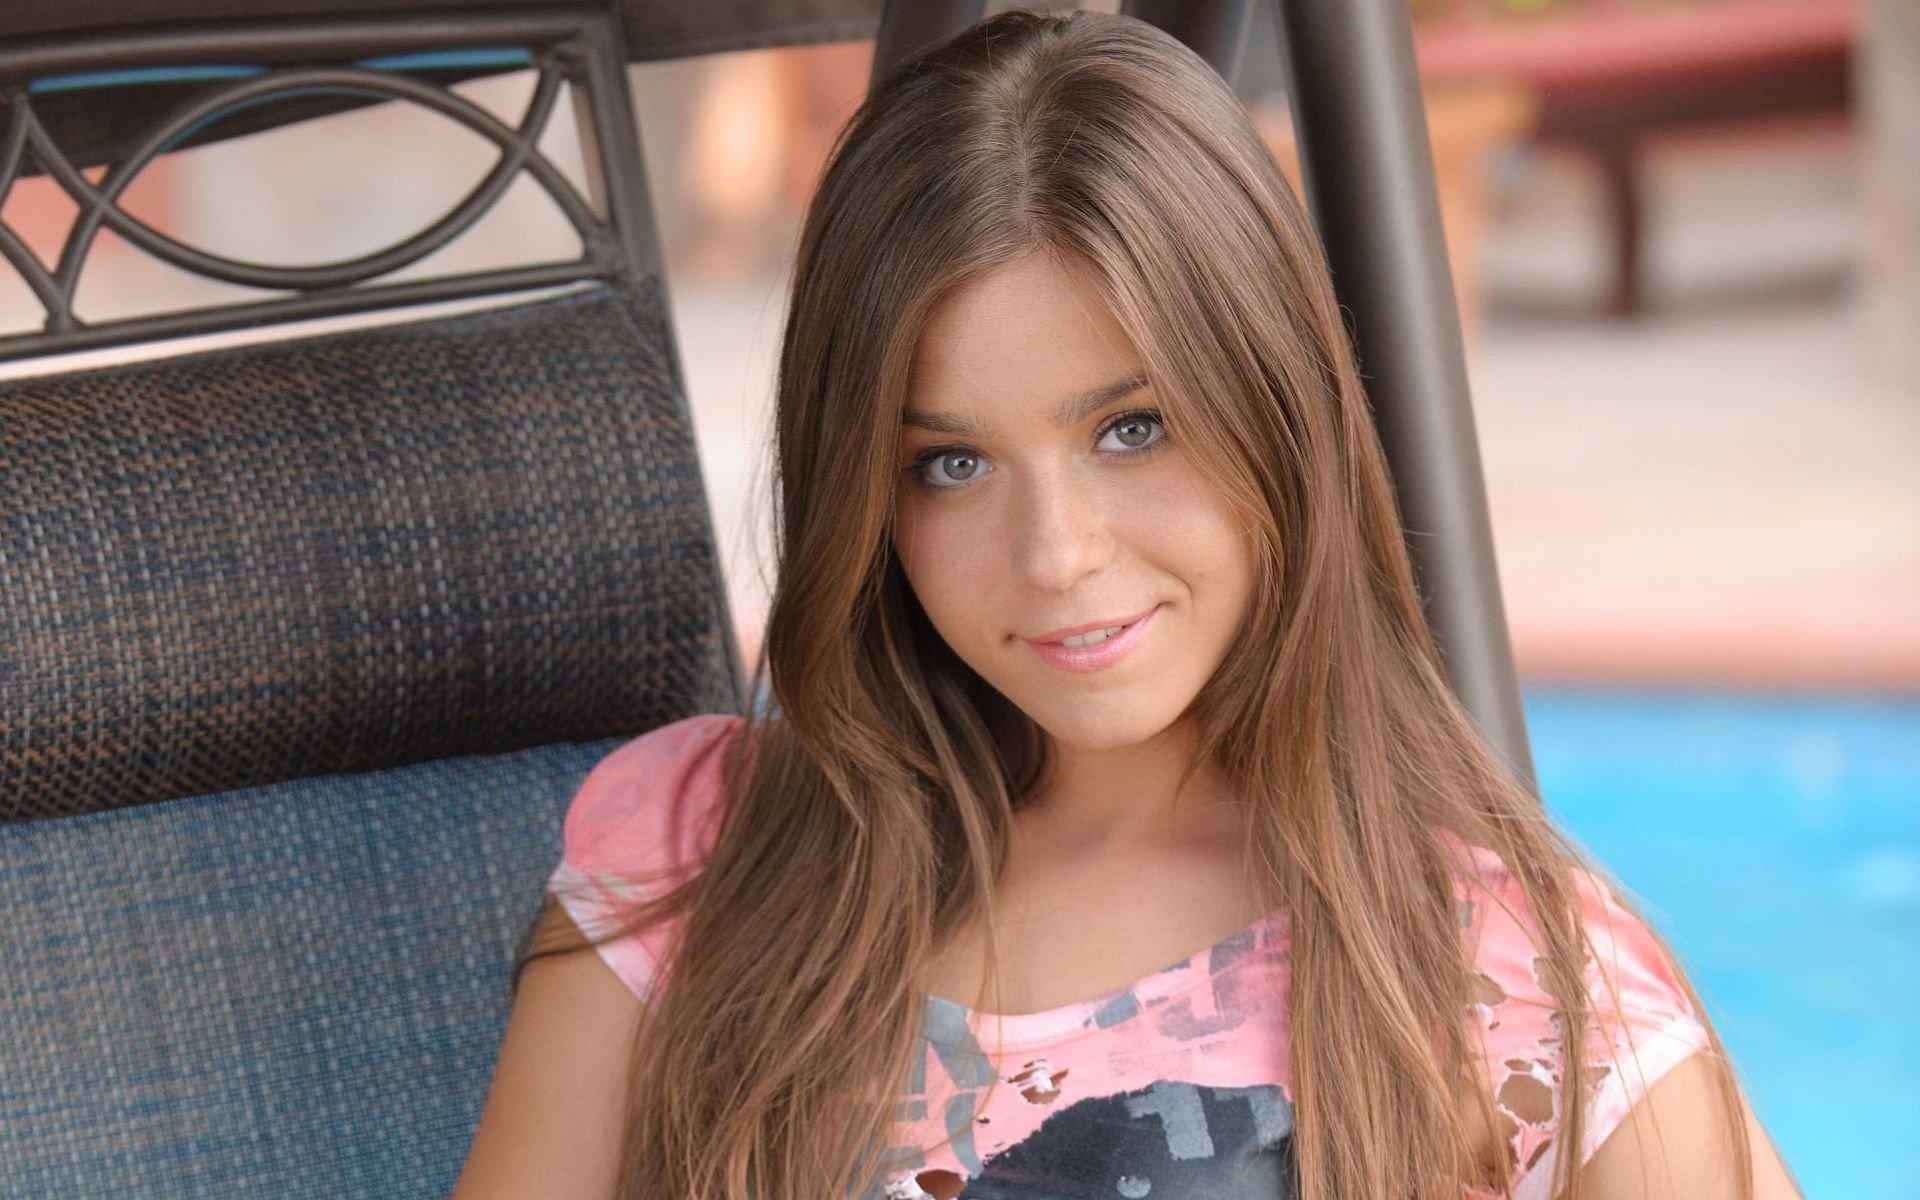 Смотреть фото молодых красивых девочек в домашнем, Откровенные снимки молодых русских девушек 18 фотография